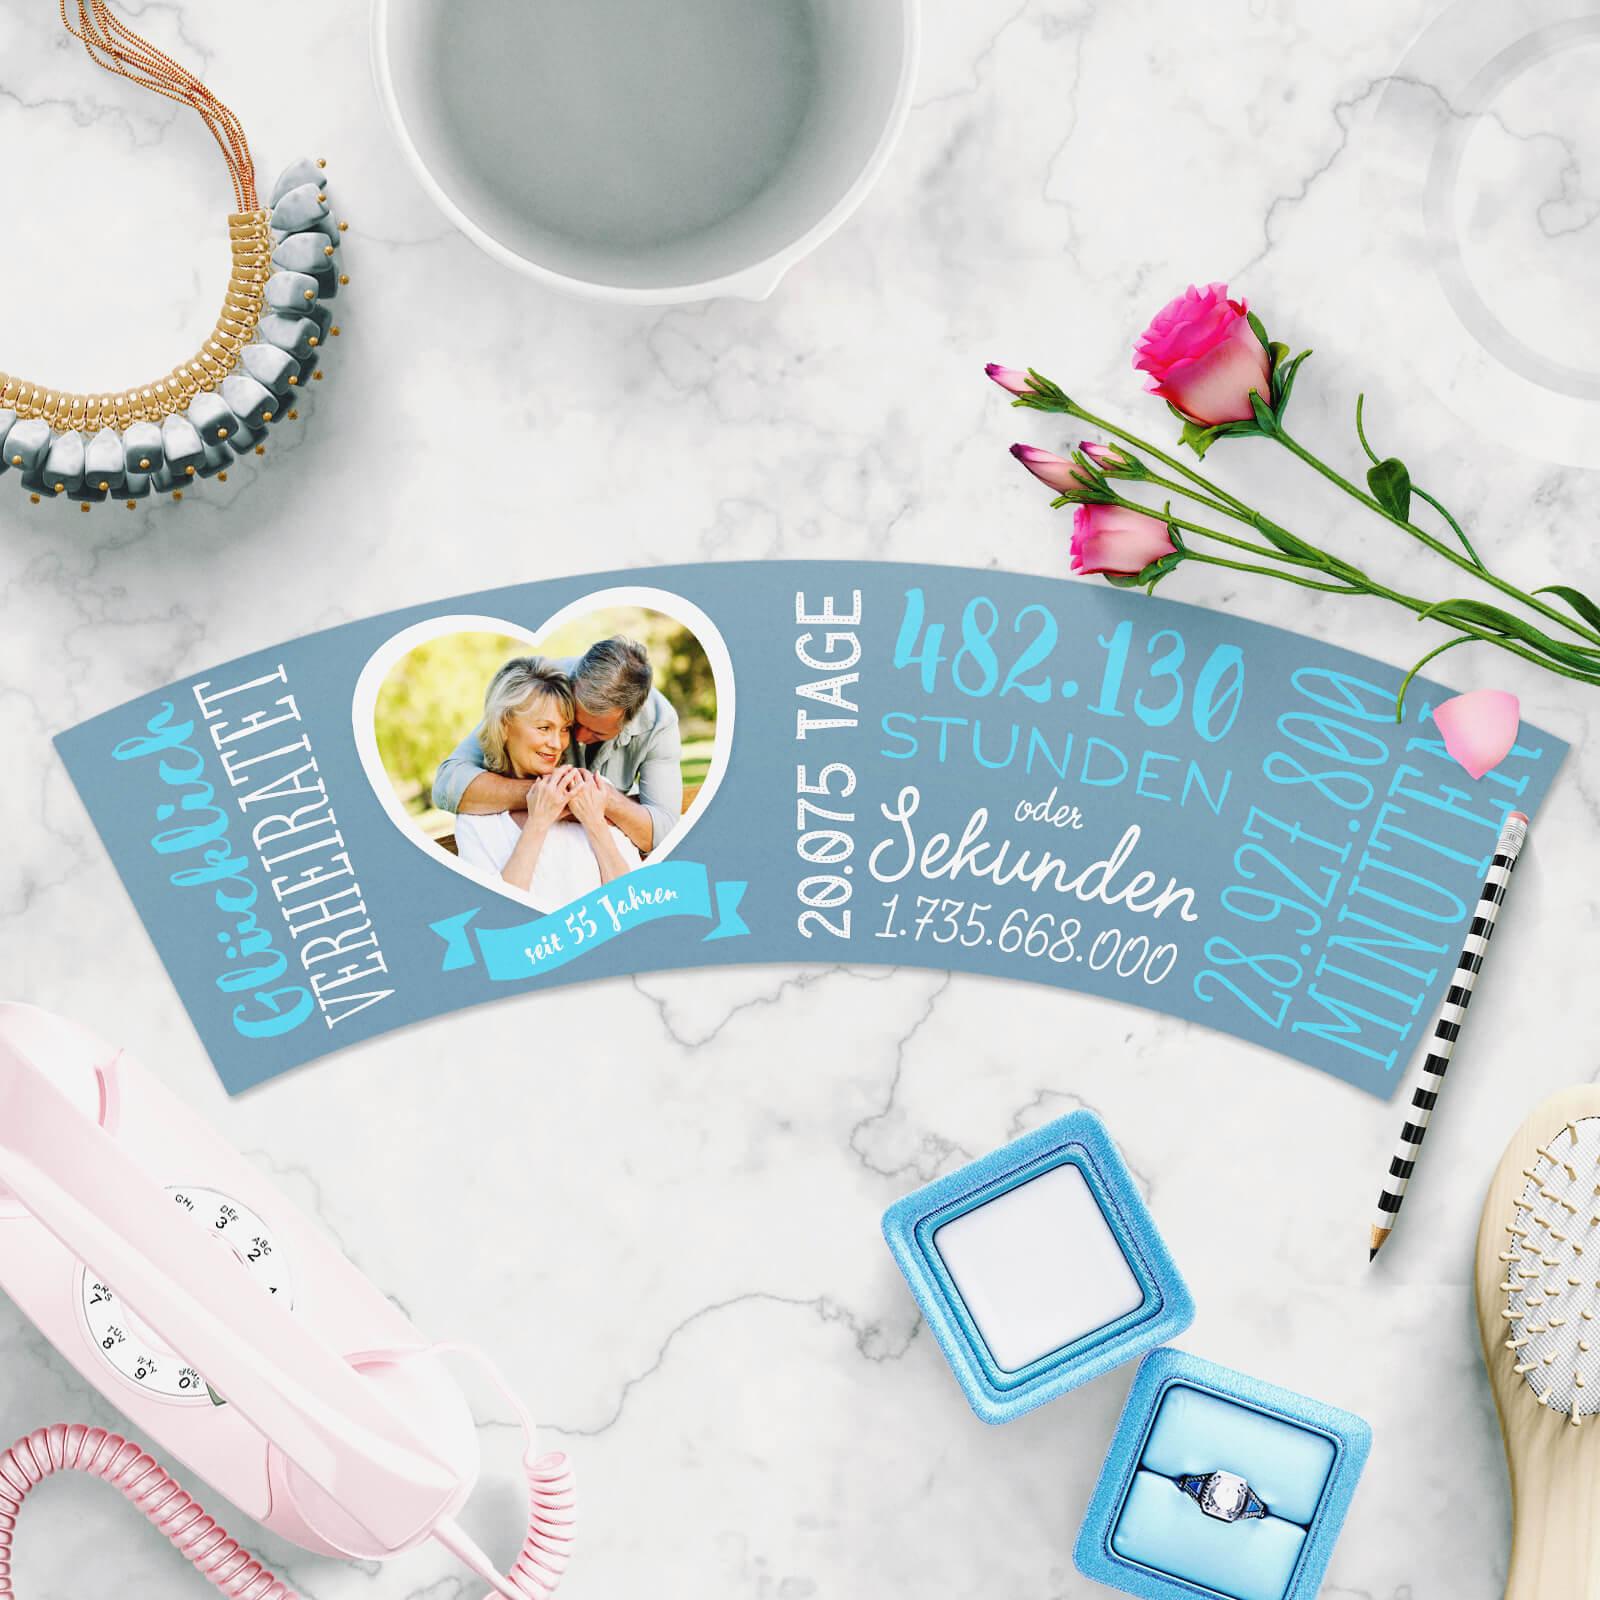 Ausgefallene Geschenkidee zum 55 Hochzeitstag